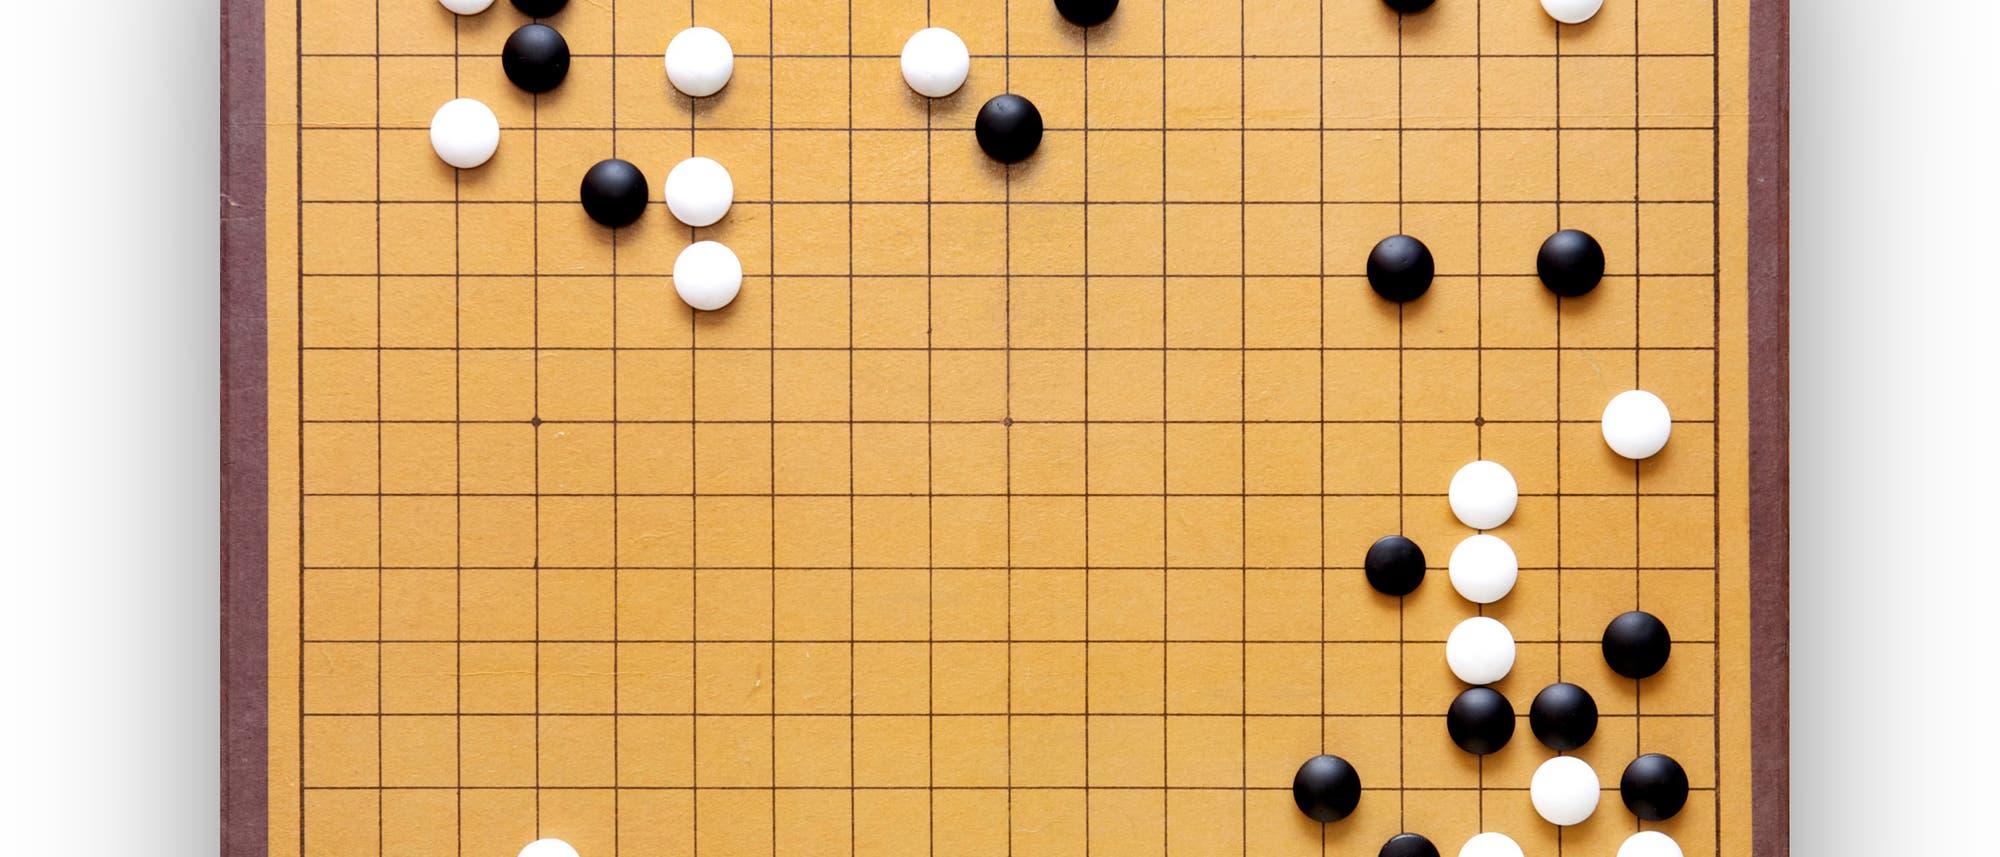 Ein Spiel um Dominanz